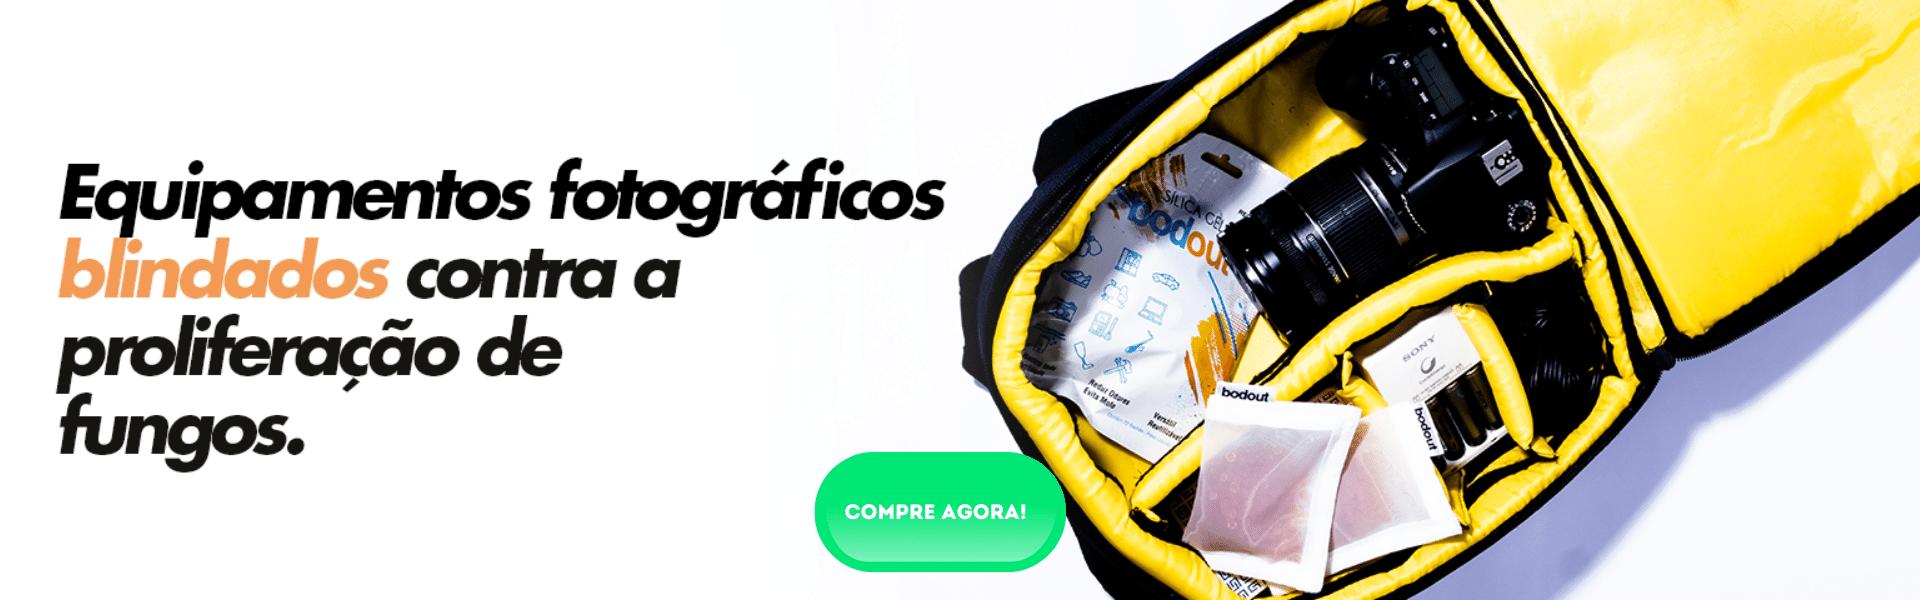 sachês de silica gel bodout dentro de uma bolsa  case de fotografia